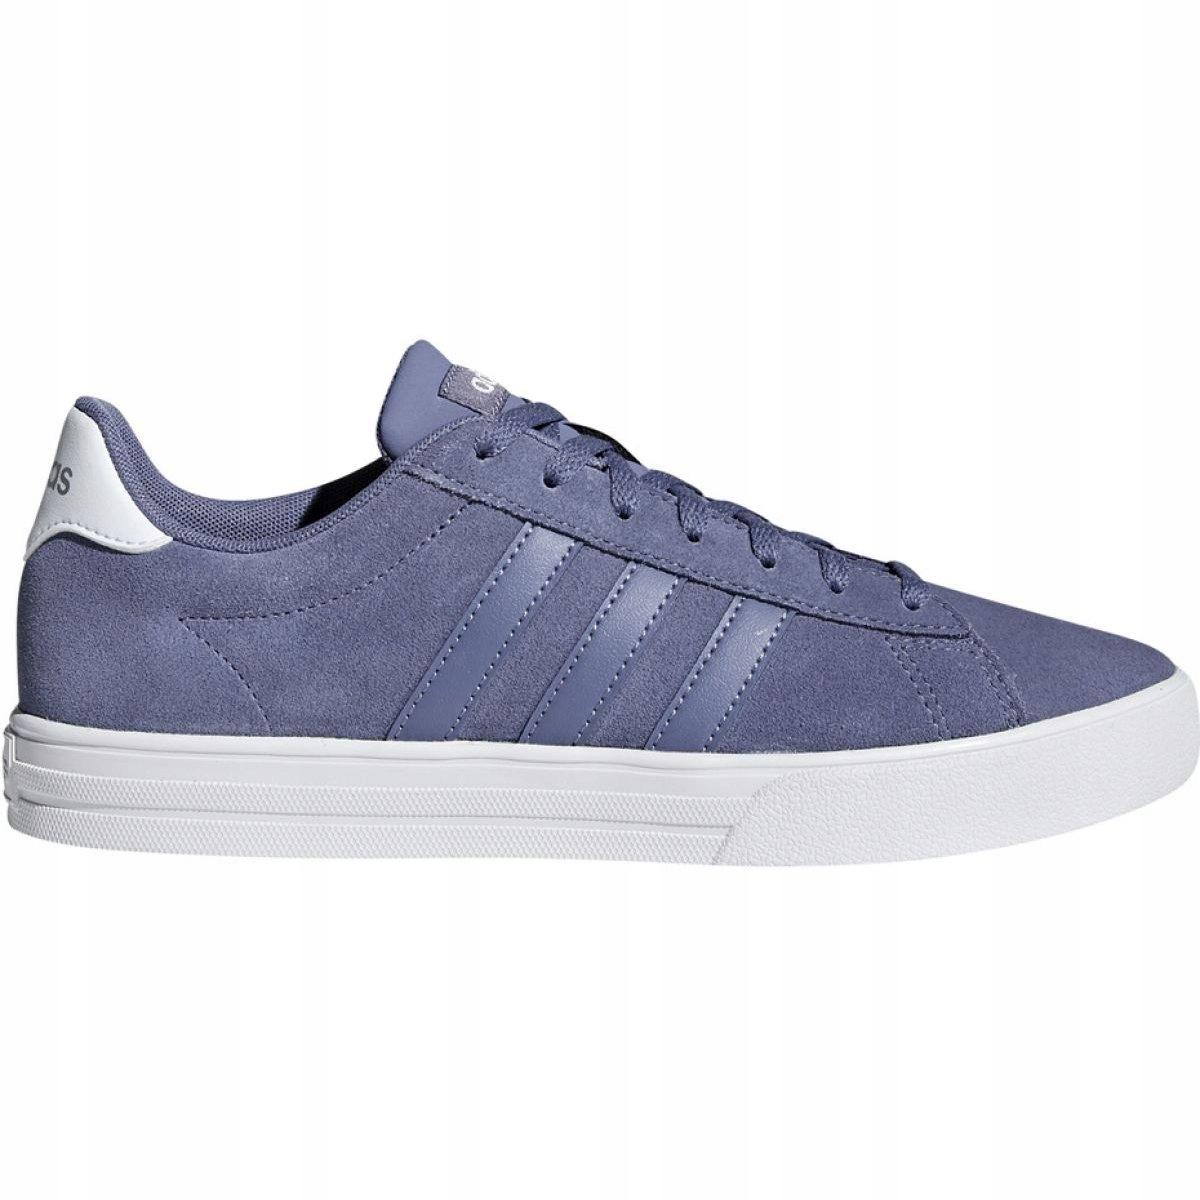 Fioletowe Buty Damskie Sportowe Adidas r.38 2/3